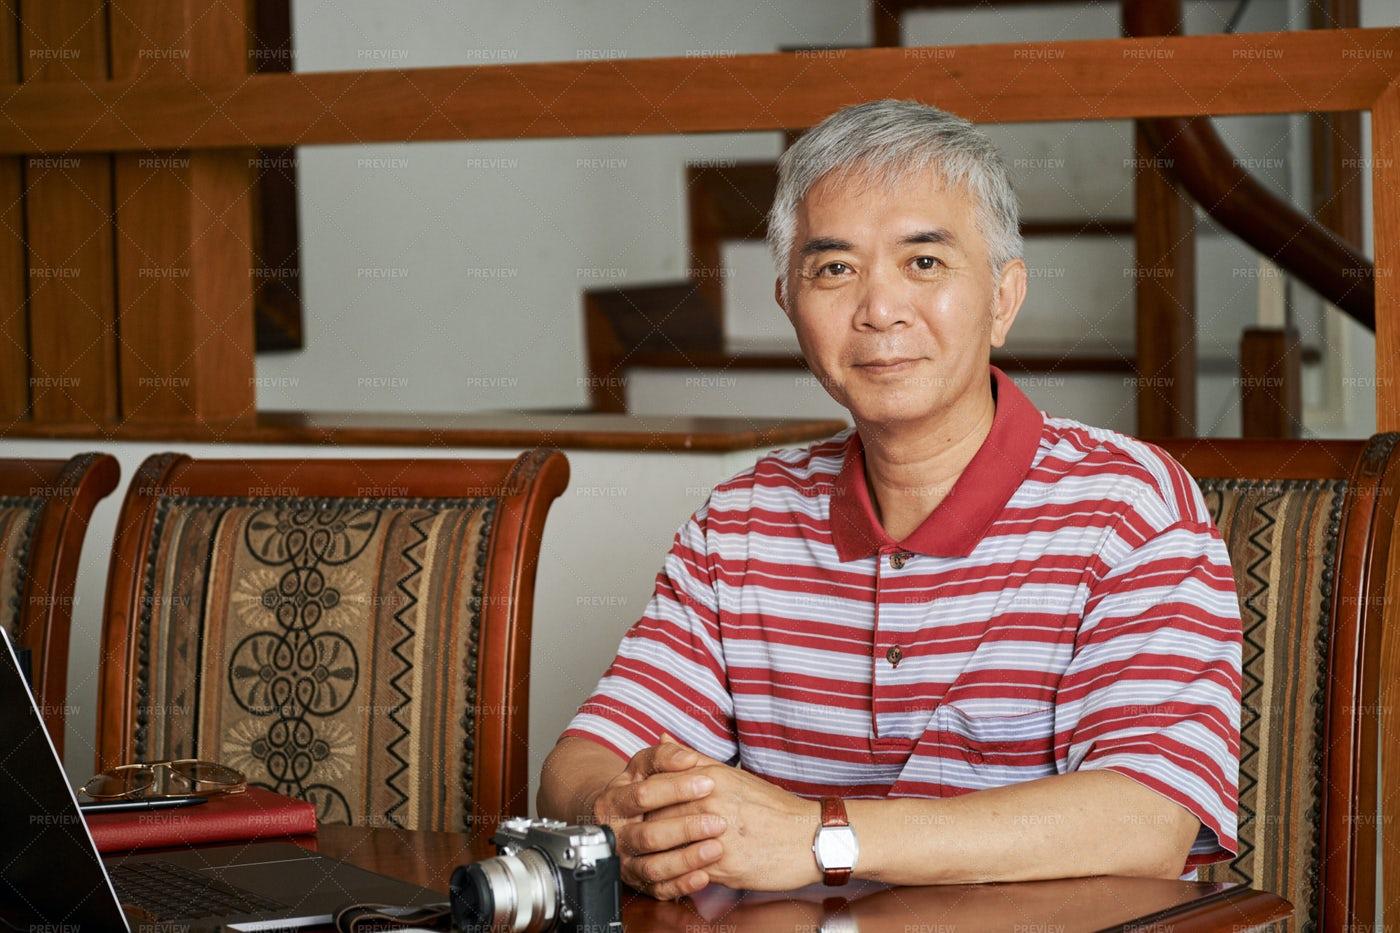 Asian Man Working At Home: Stock Photos